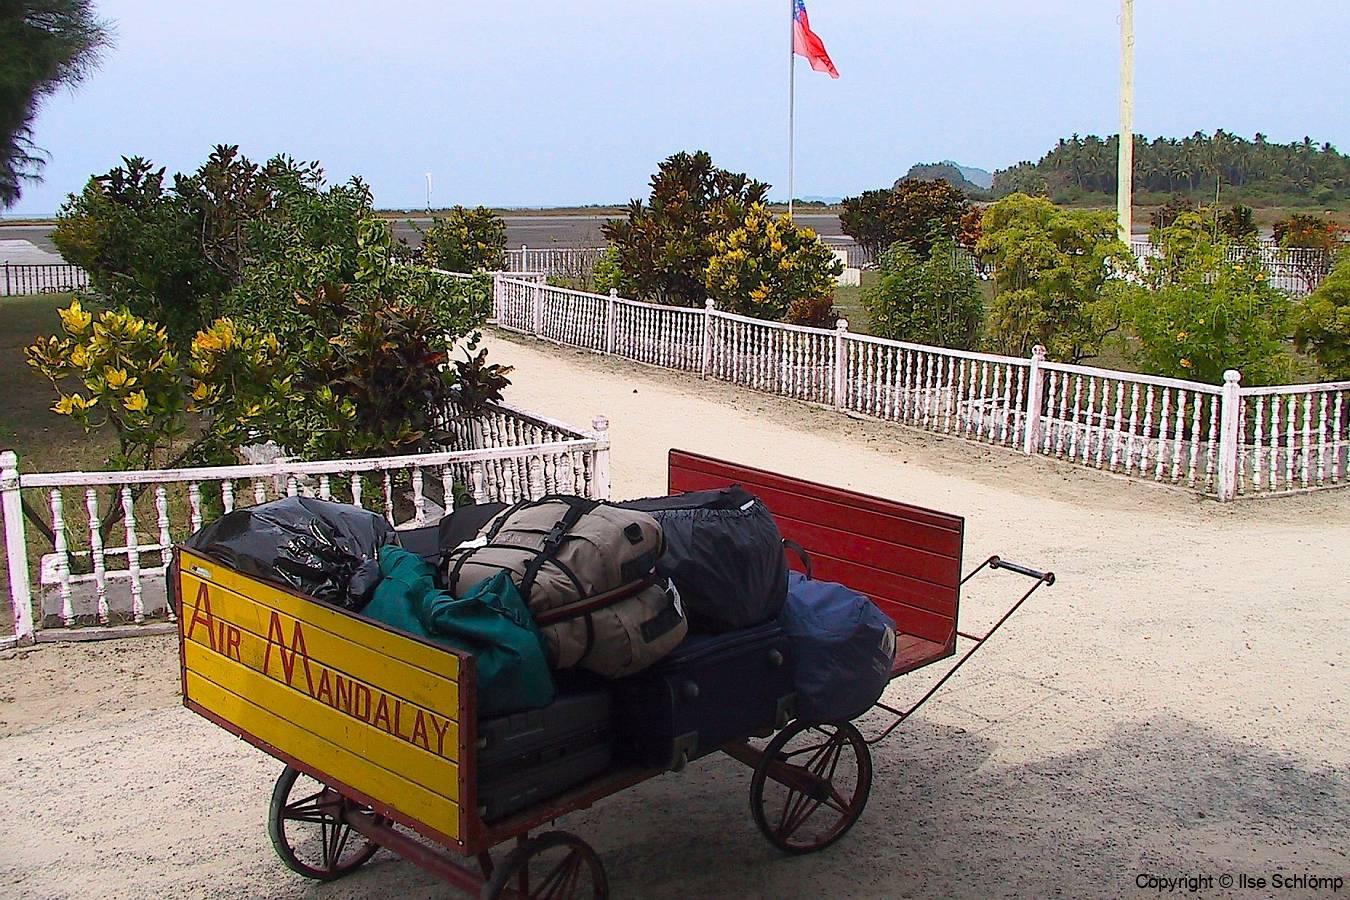 Myanmar, Thandwe, Flughafen, Das Gepäck für den Abflug nach Yangon steht bereit